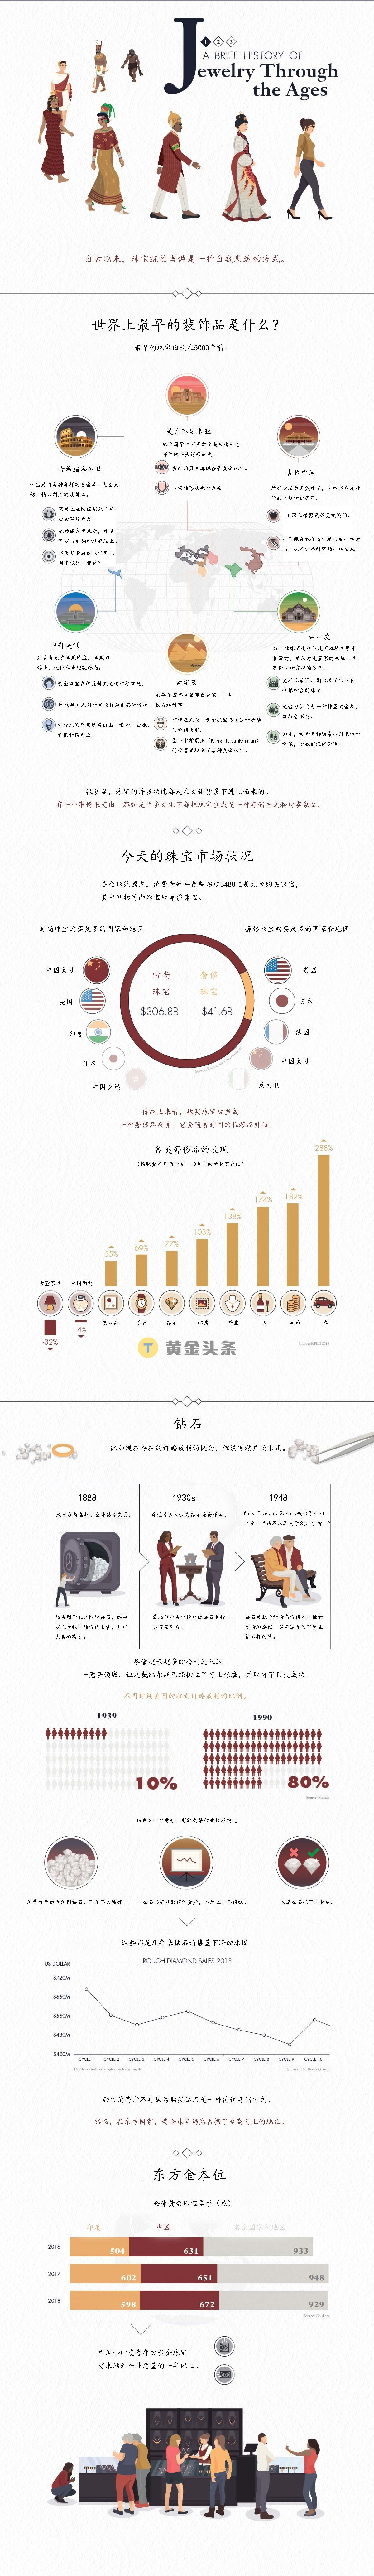 一张图看懂3480亿美元珠宝市场的前世今生